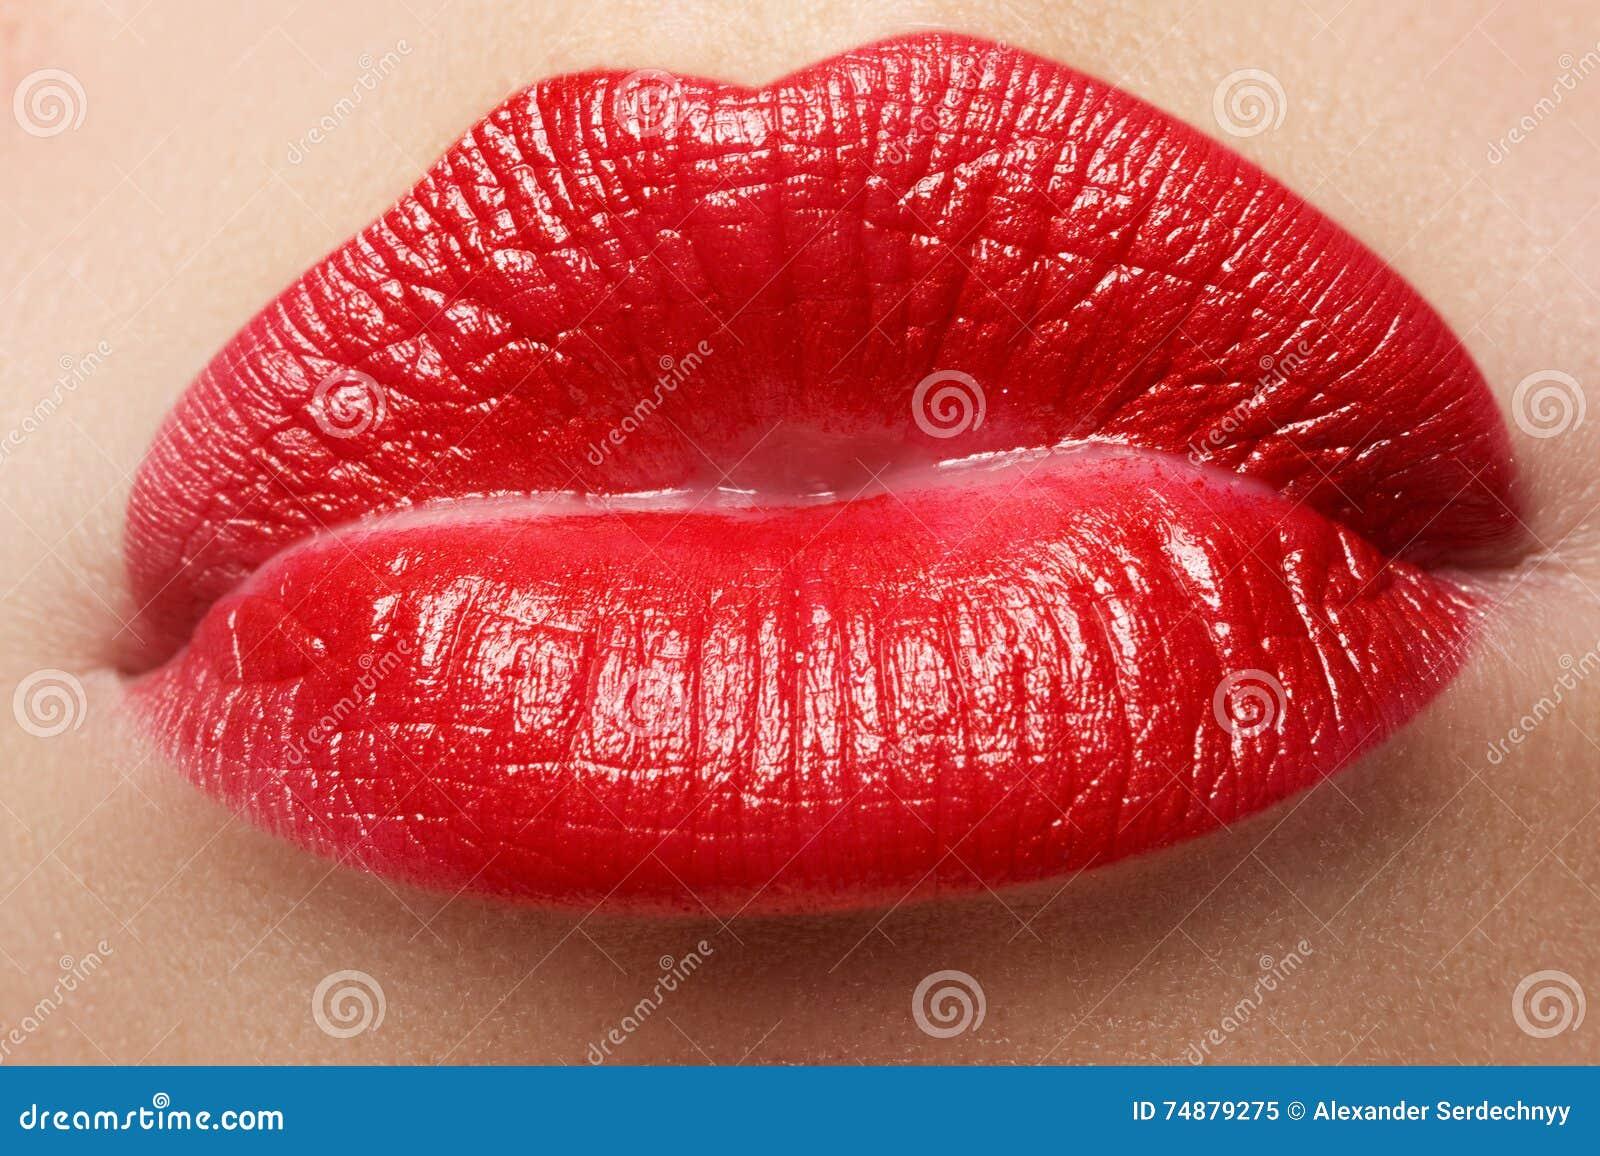 Bordos vermelhos apaixonado, fotografia macro